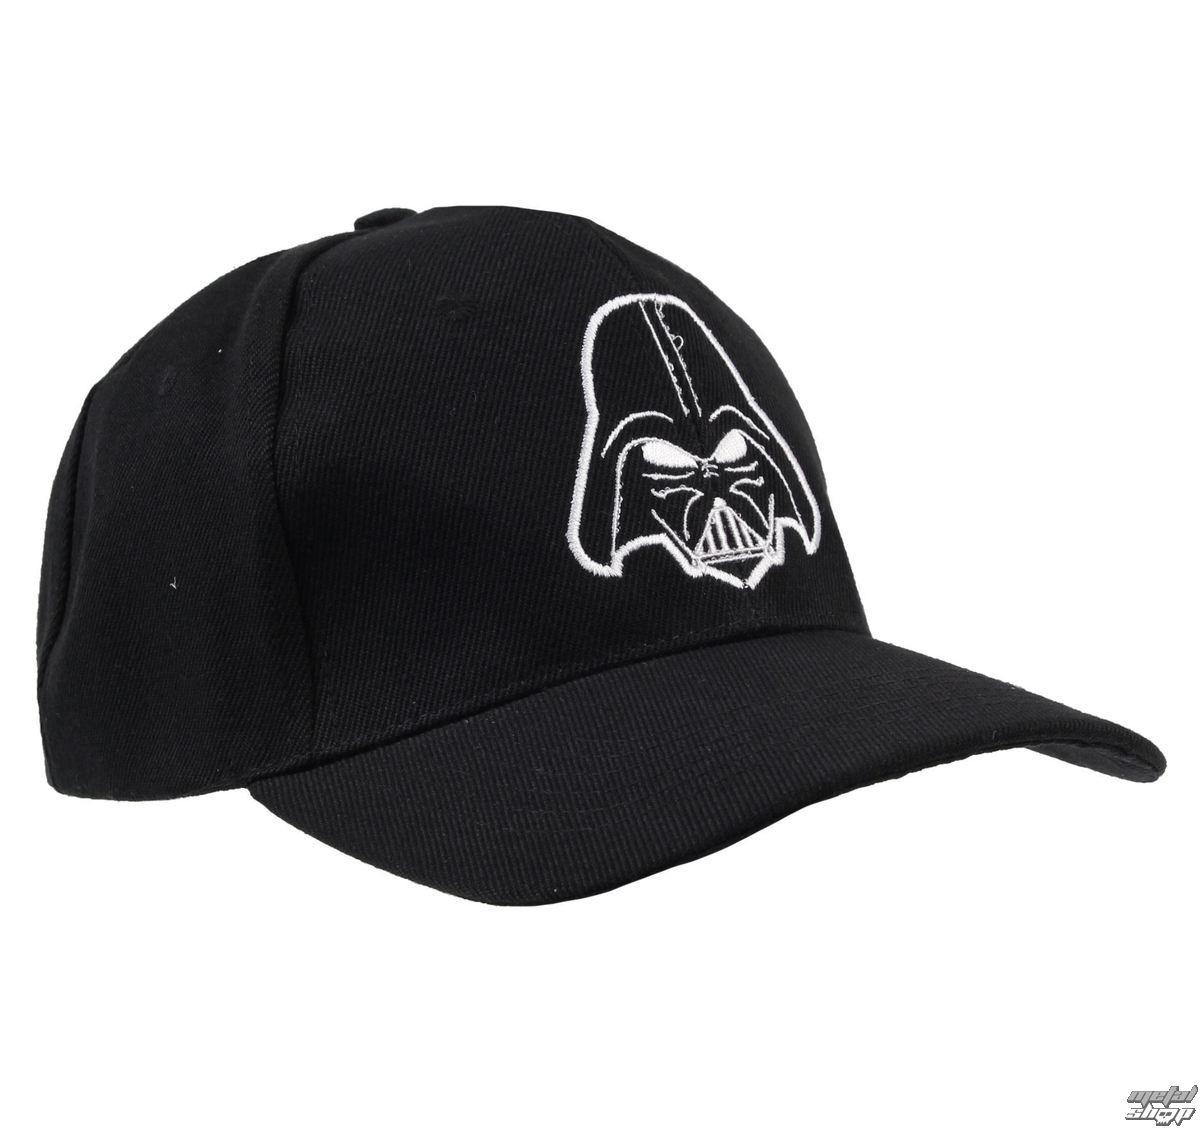 šiltovka Star Wars - Darth Vader - Black - HYBRIS - LF-9-SW9002-H155-2